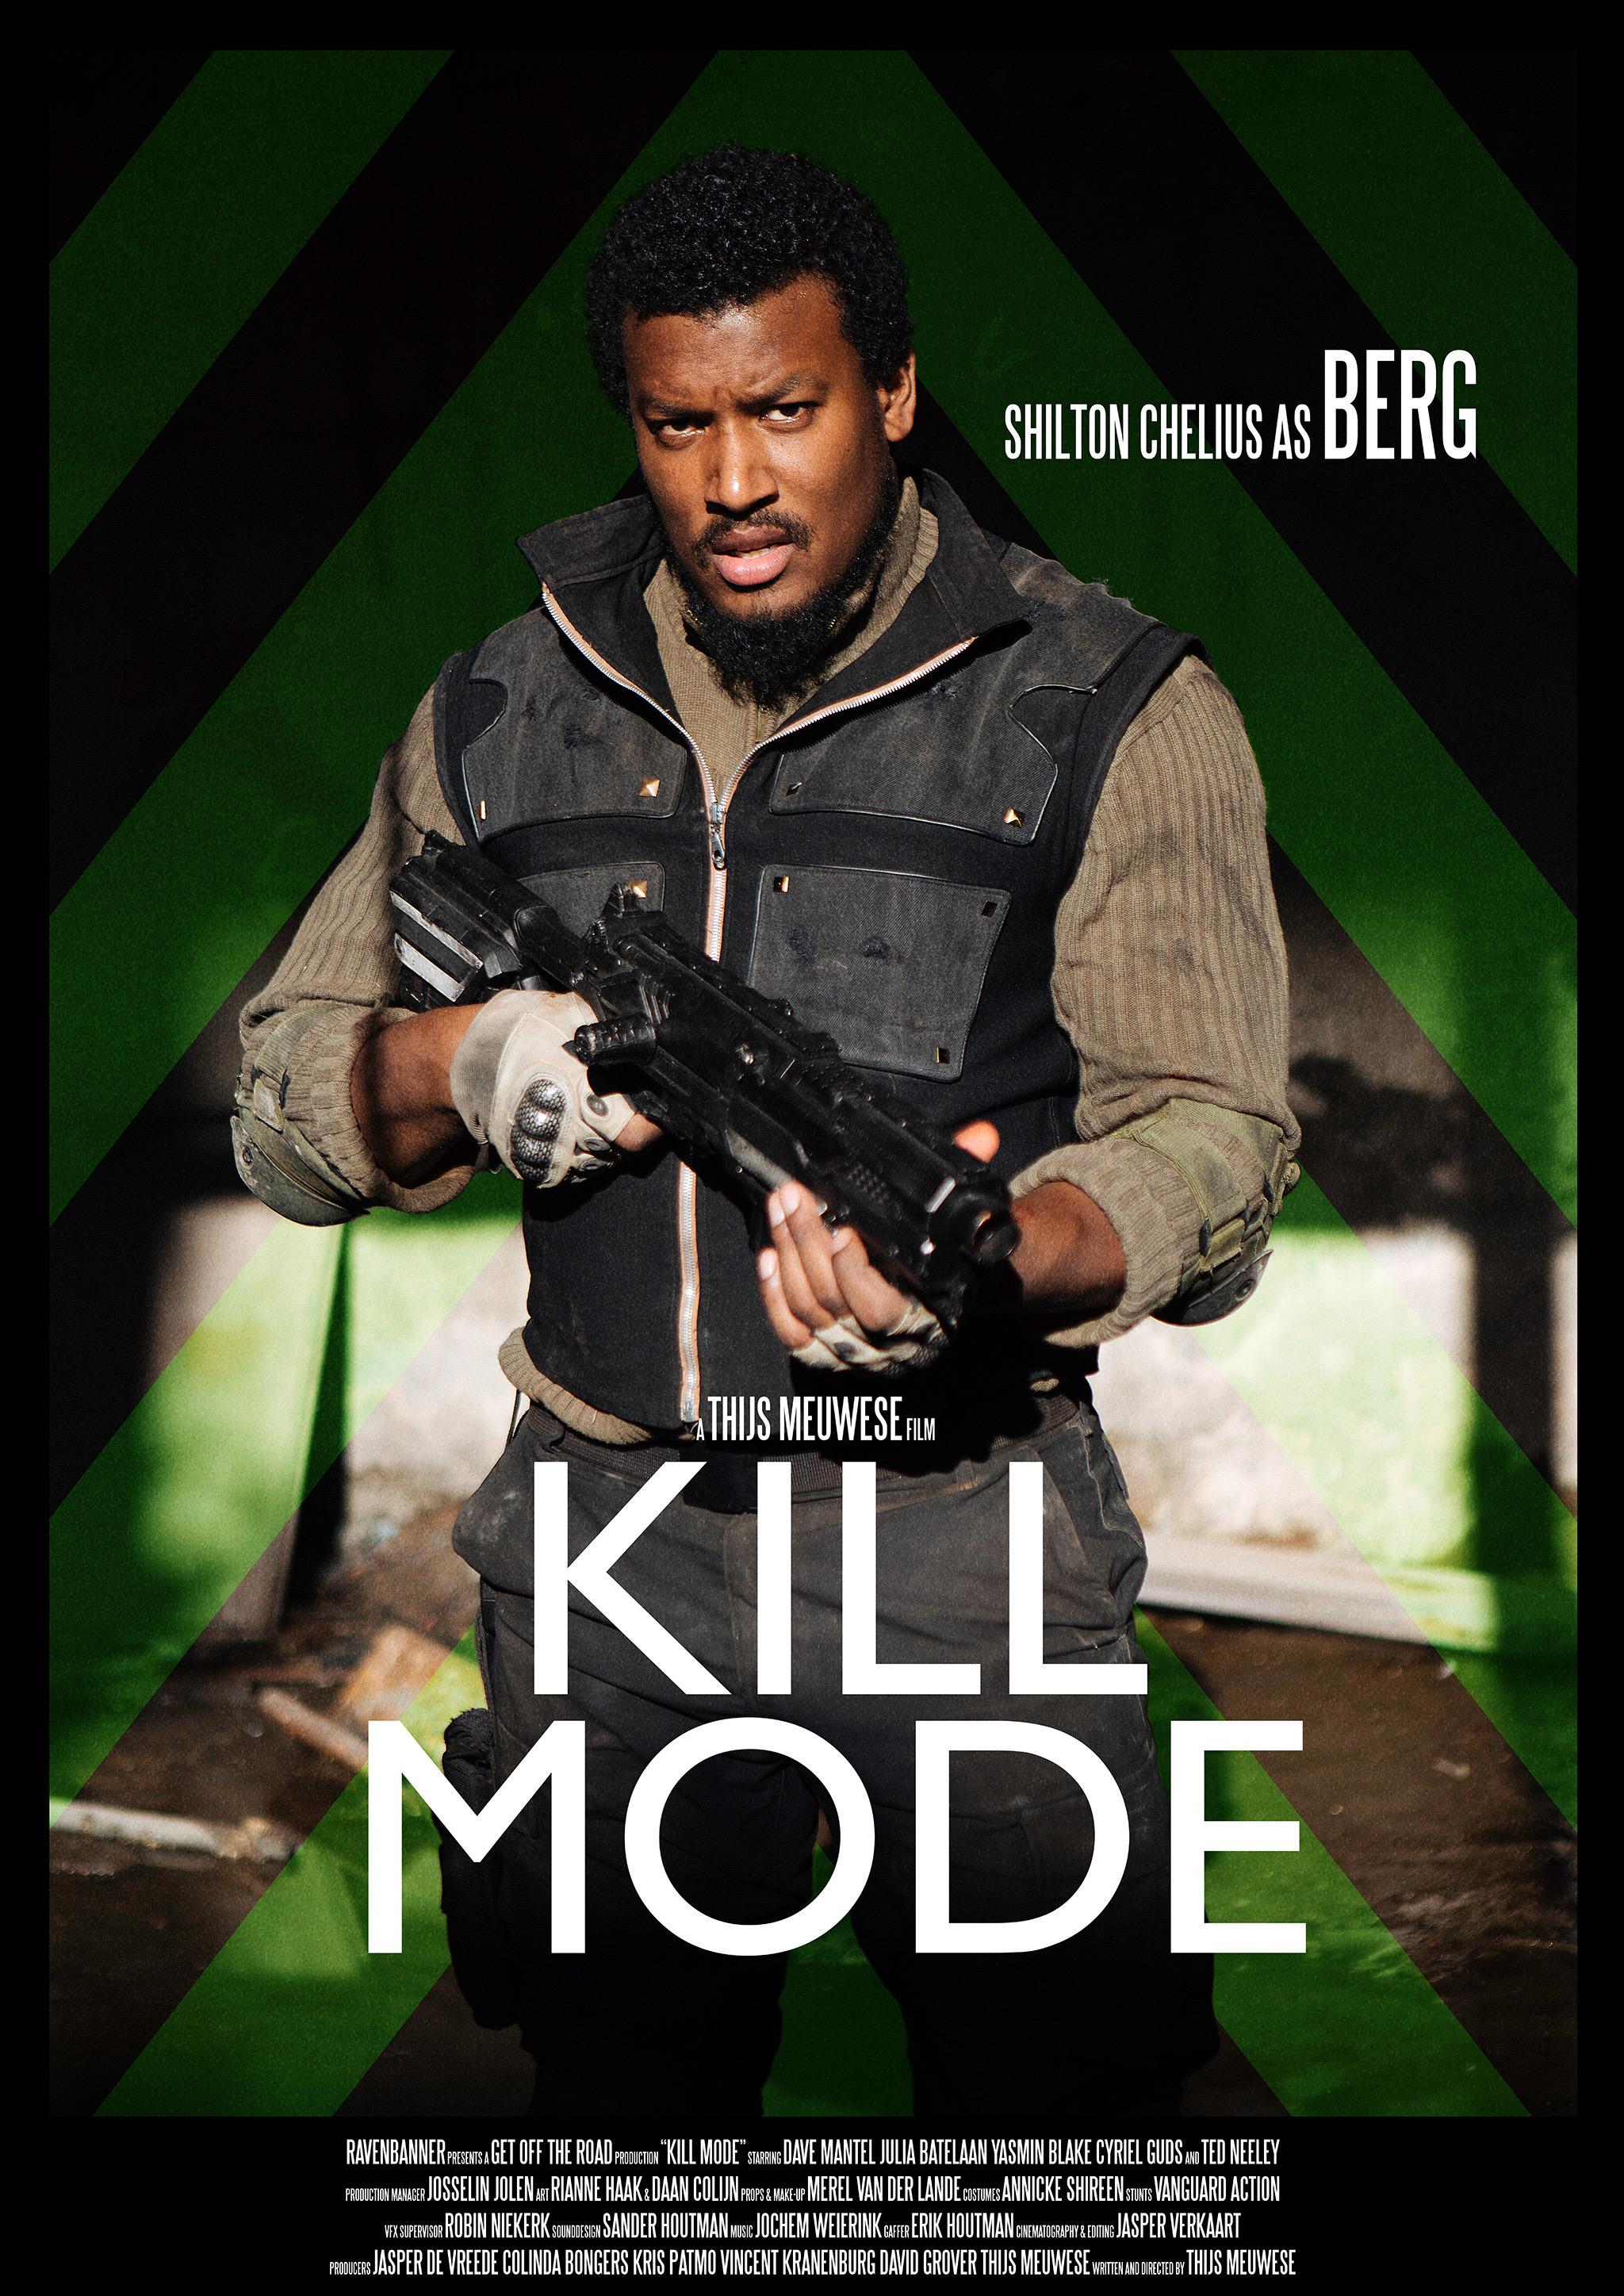 Shilton Chelius in Kill Mode (2020)